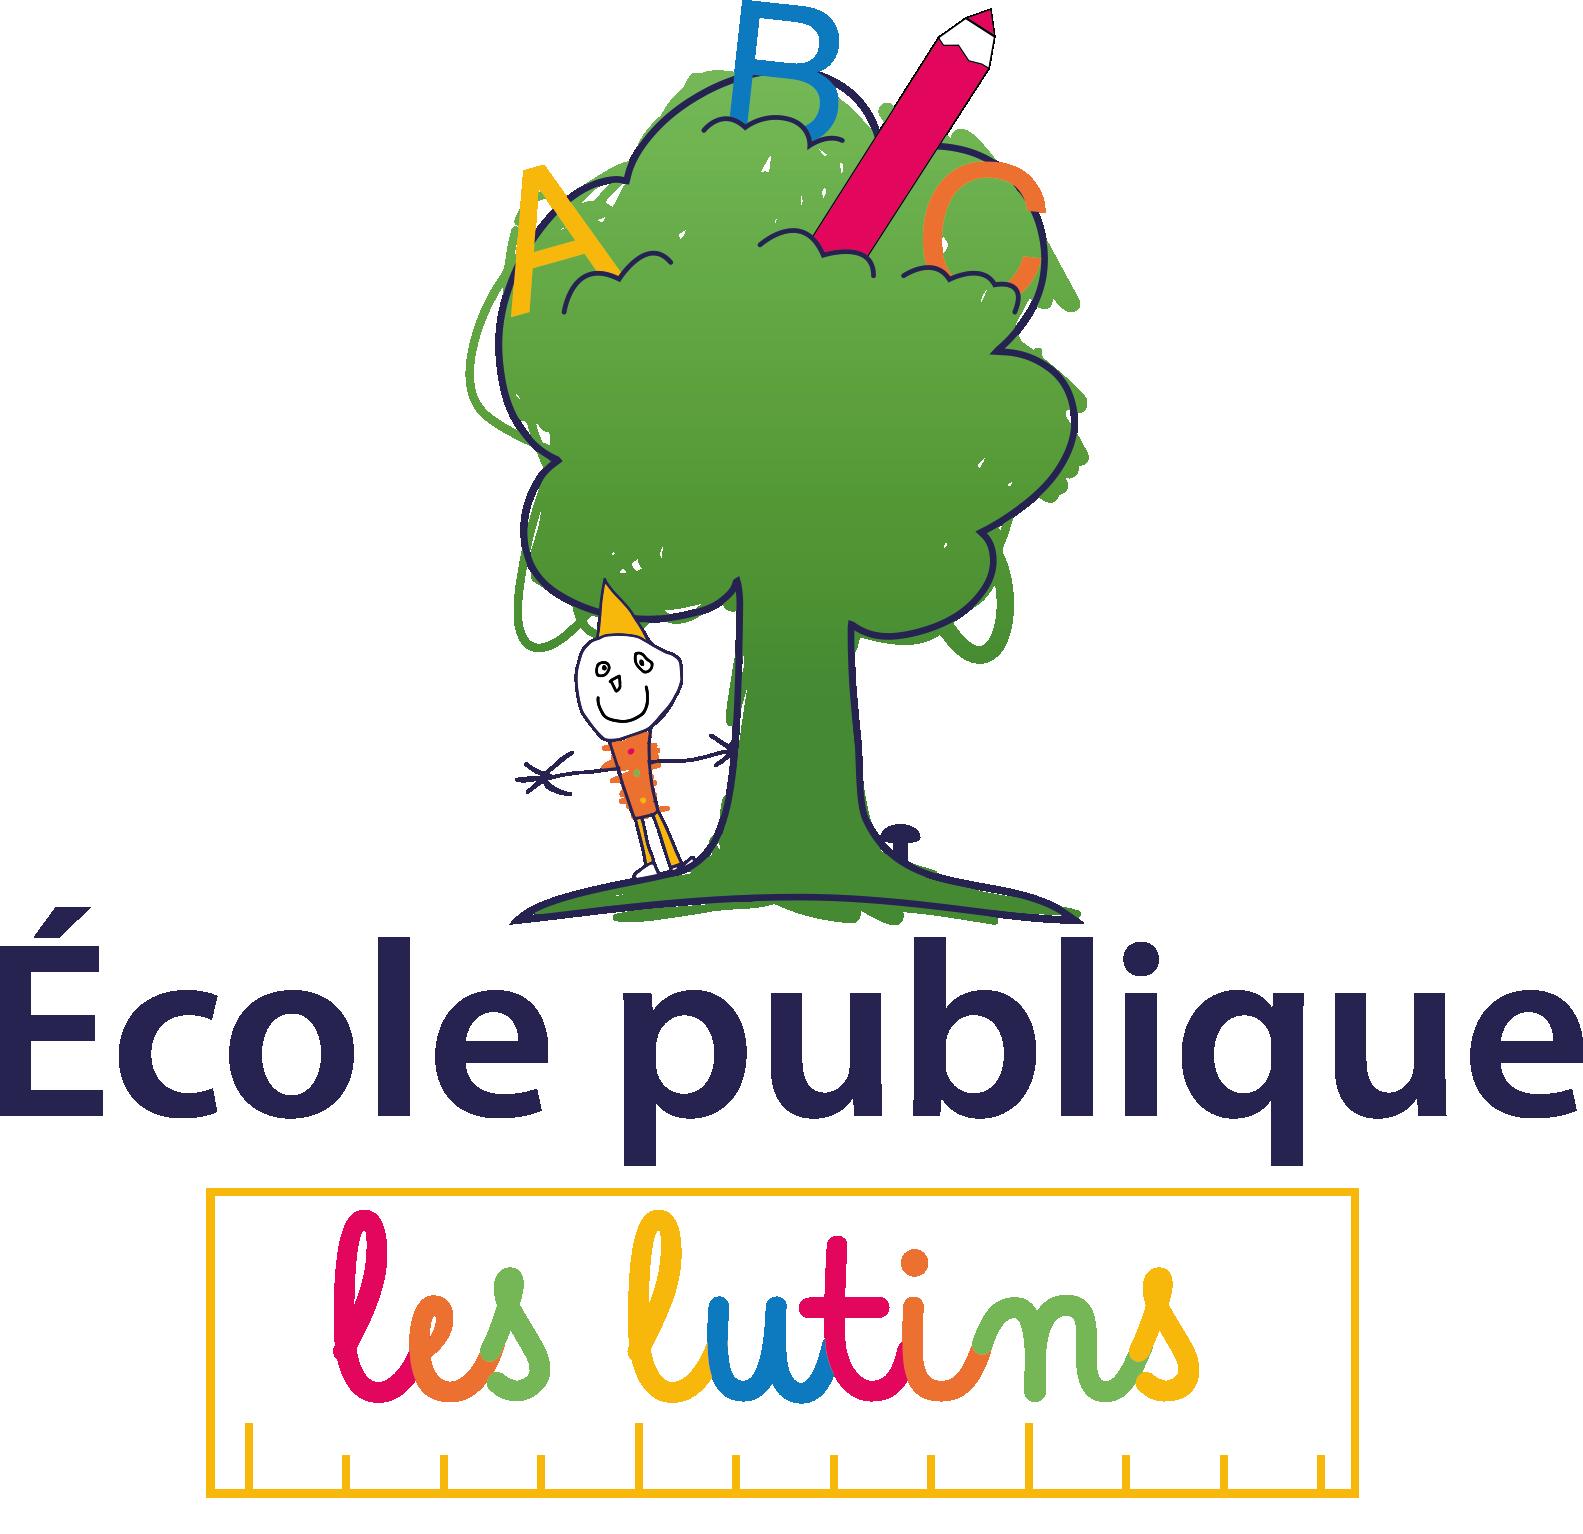 logo-Les-lutins-couleurs.png